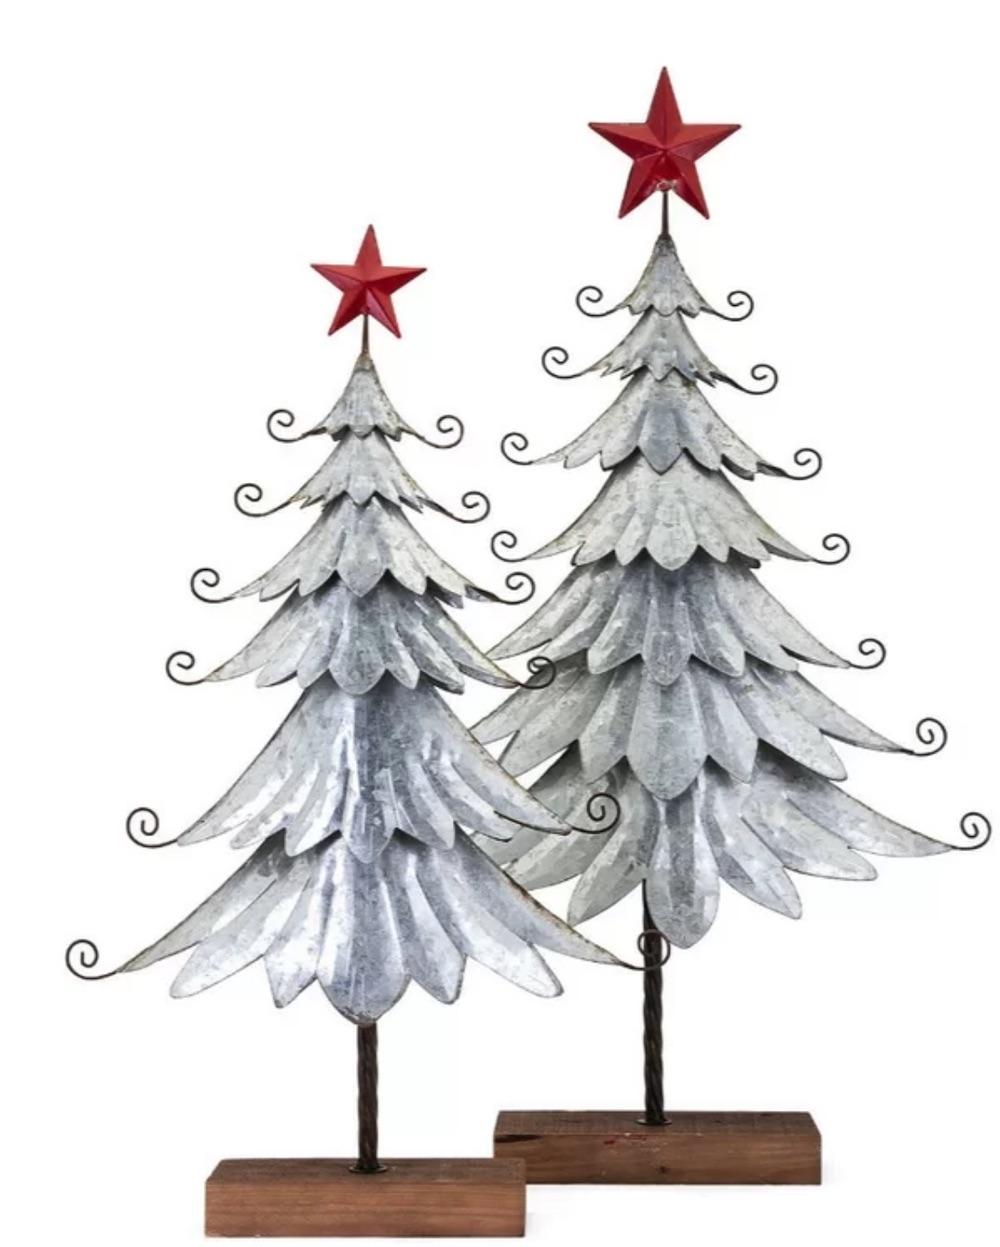 Celebrate the Season Christmas Galvanized Tree Set #Decor #Christmas #Farmhouse #ChristmasDecor #FarmhouseDecor #FarmhouseChristmasDecor #HolidayDecor